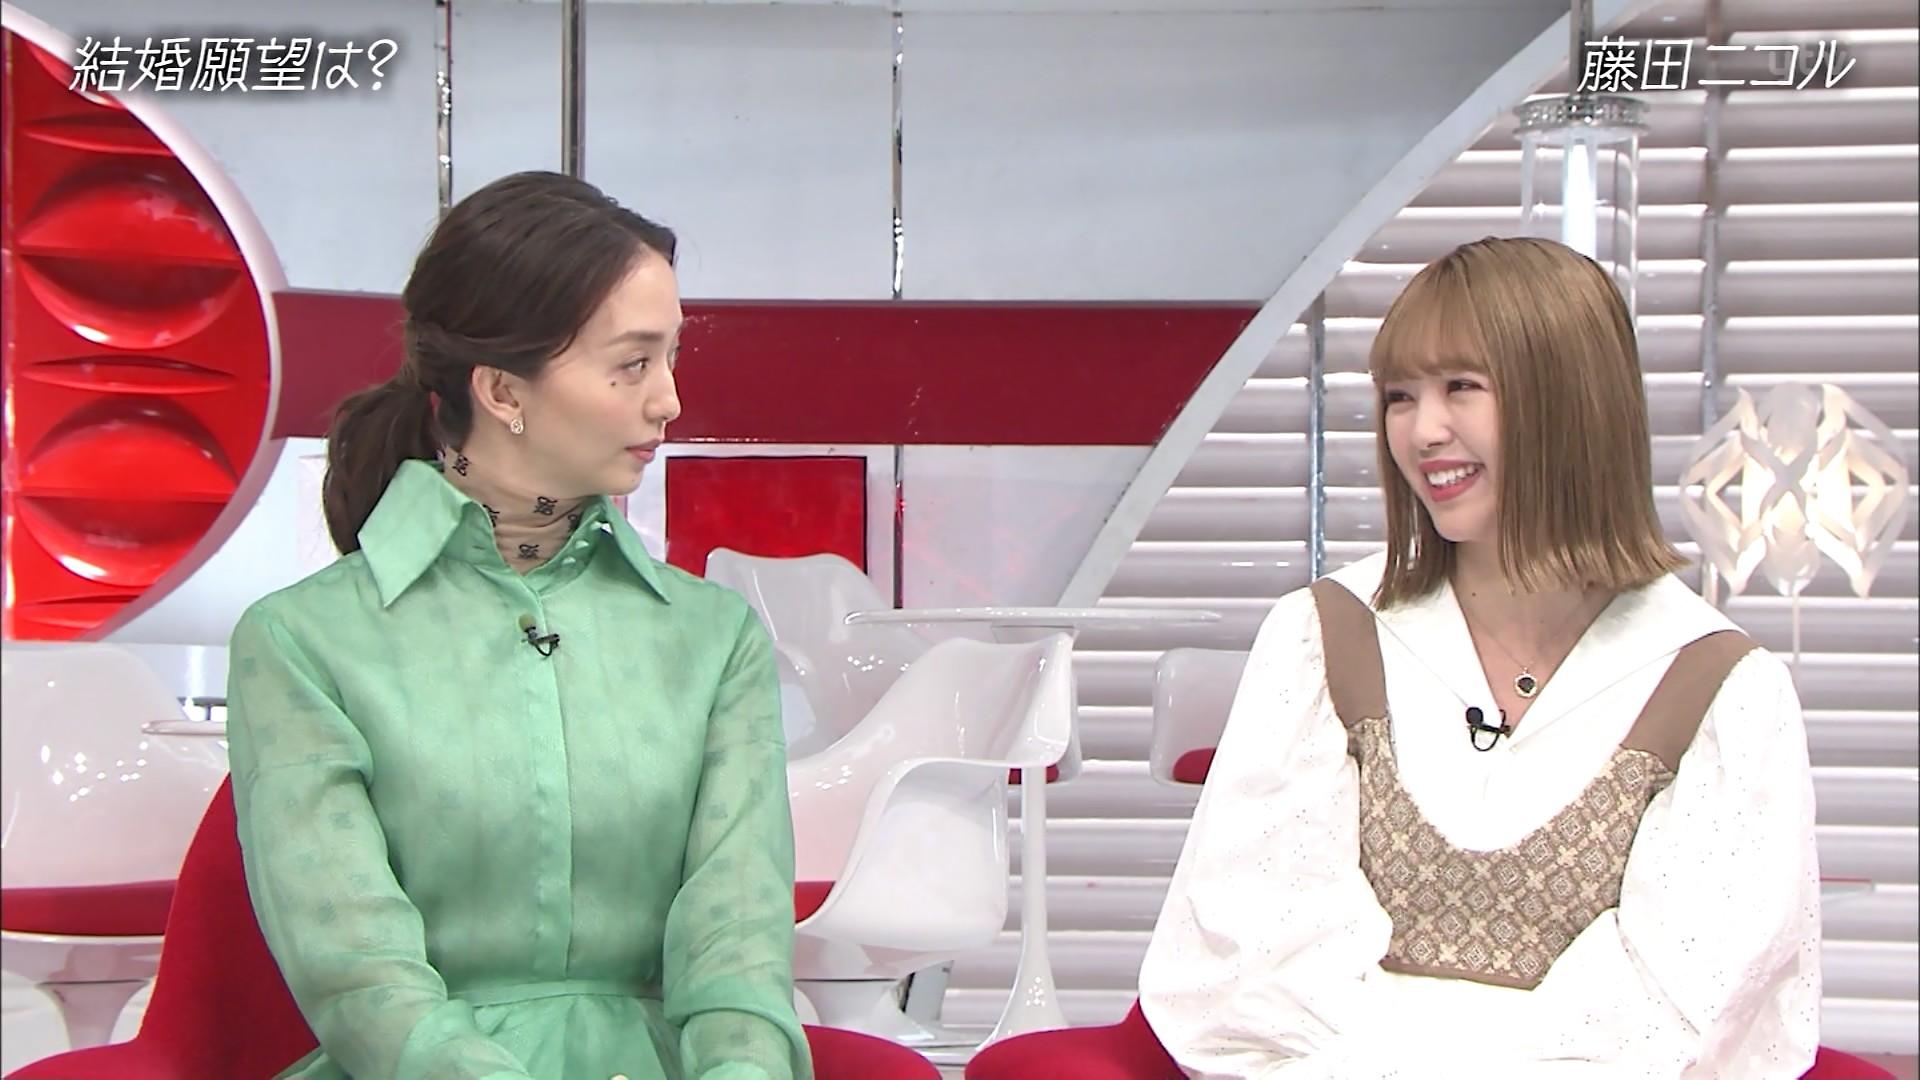 胸チラ_谷間_おっぱい_おしゃれイズム_15